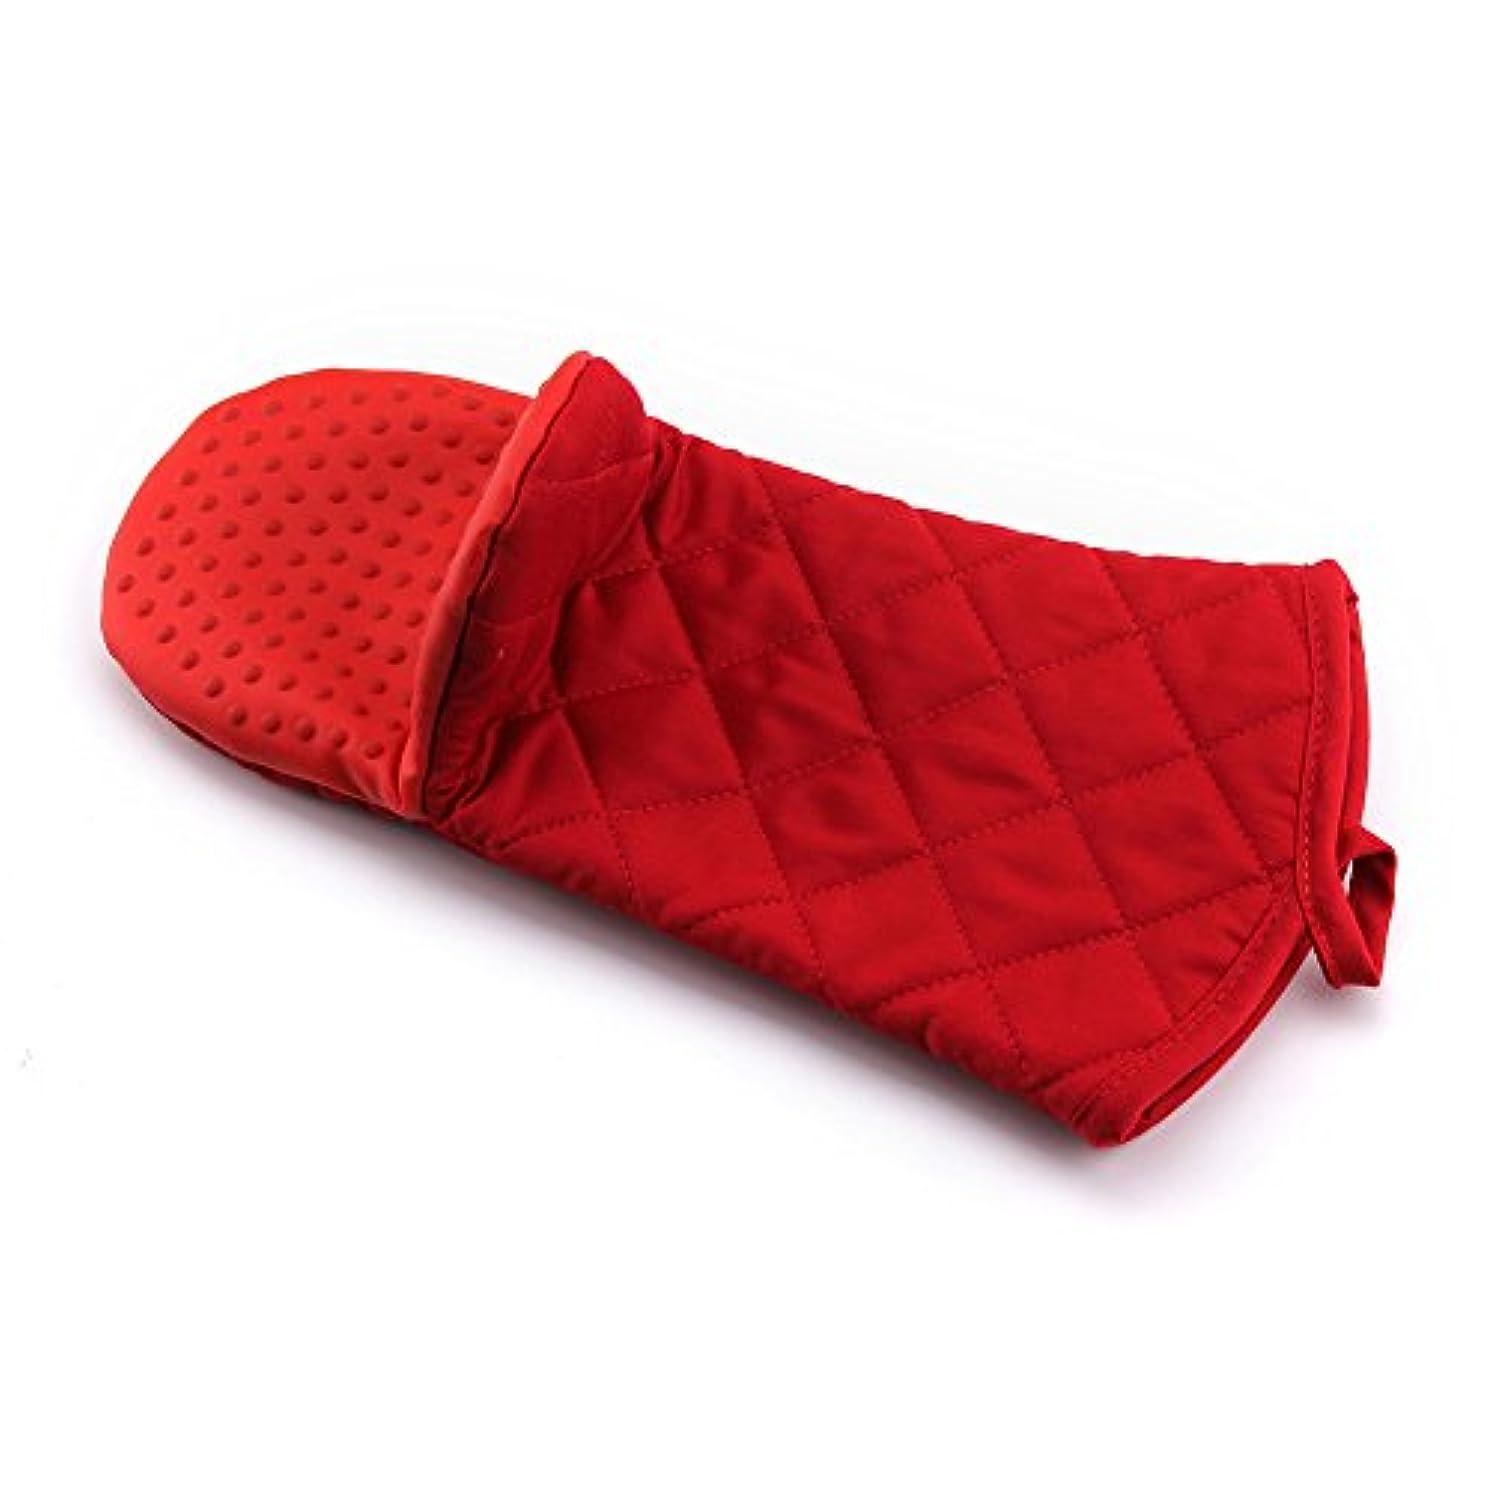 意識的努力マトロンOUYOU 耐熱グローブ シリコンチェック 耐熱温度280℃ キッチングローブ オーブンミトン シリコン手袋 滑り止め クッキング用 フリーサイズ 2個セット